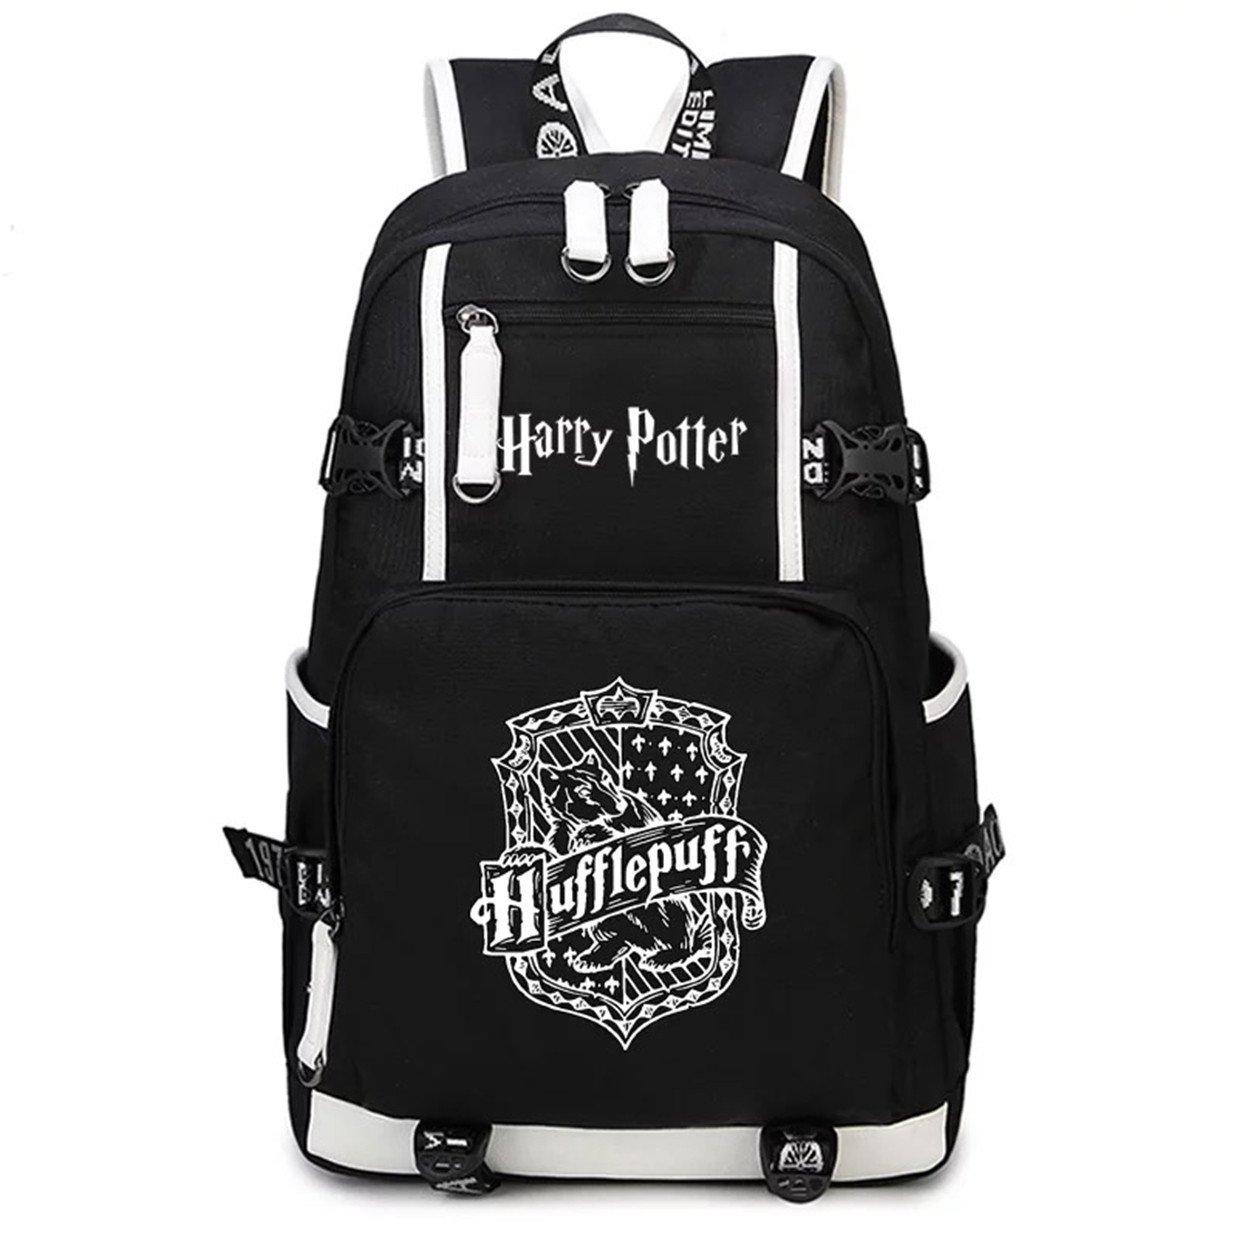 AUGYUESS Mochila de Lona para la Escuela, Mochila para Ordenador Portátil, Mochila para Harry Potter Cosplay: Amazon.es: Hogar